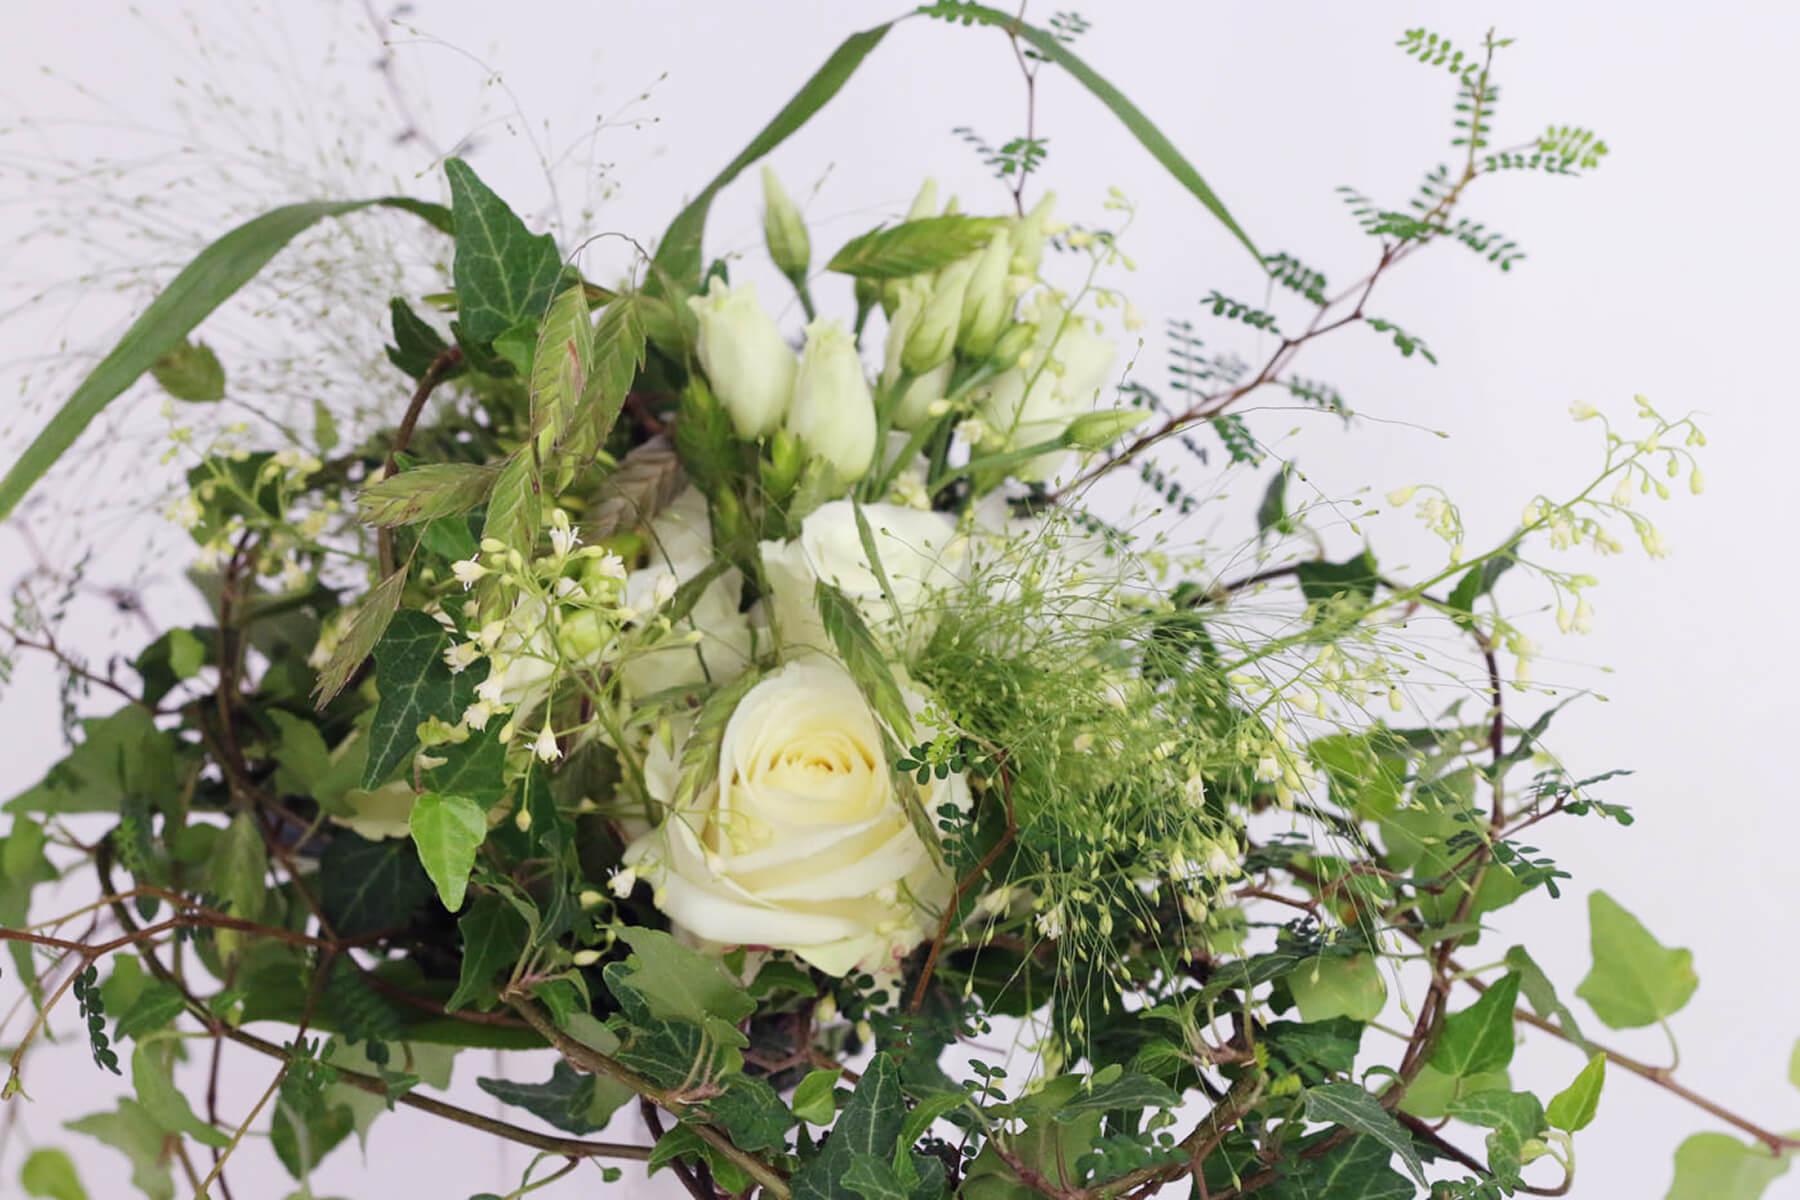 En vild och spretig bukett i bohemisk stil. Färgskalan är enkel, bara vitt och grönt. Floristen har använt sig av rosor, prärieklocka, murgröna, fontängräs, dvärgkowhai mm.